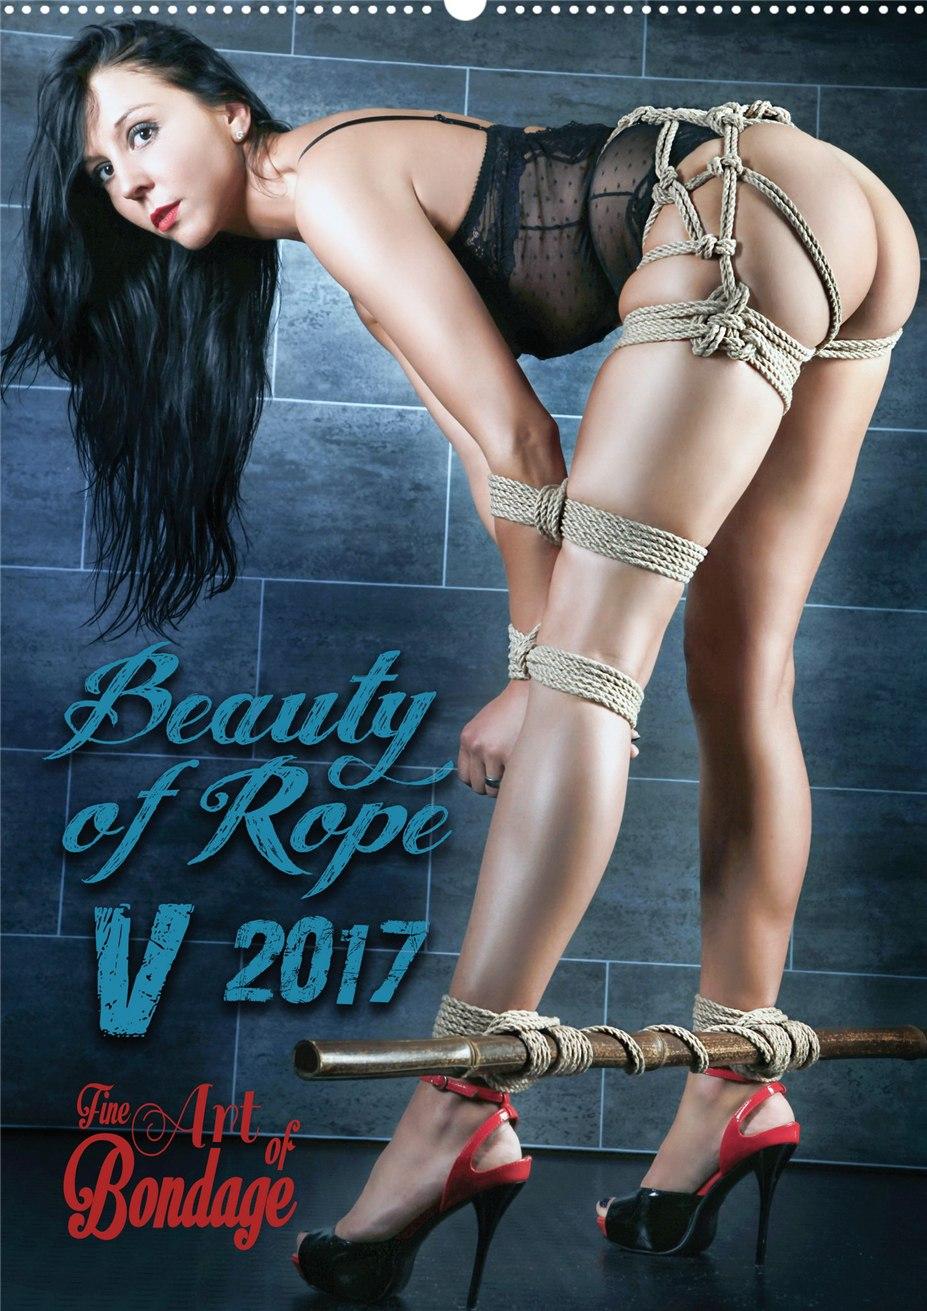 Как красиво связать девушку - календарь Beauty of Rope V - Calendar 2017 / Fine Art of Bondage